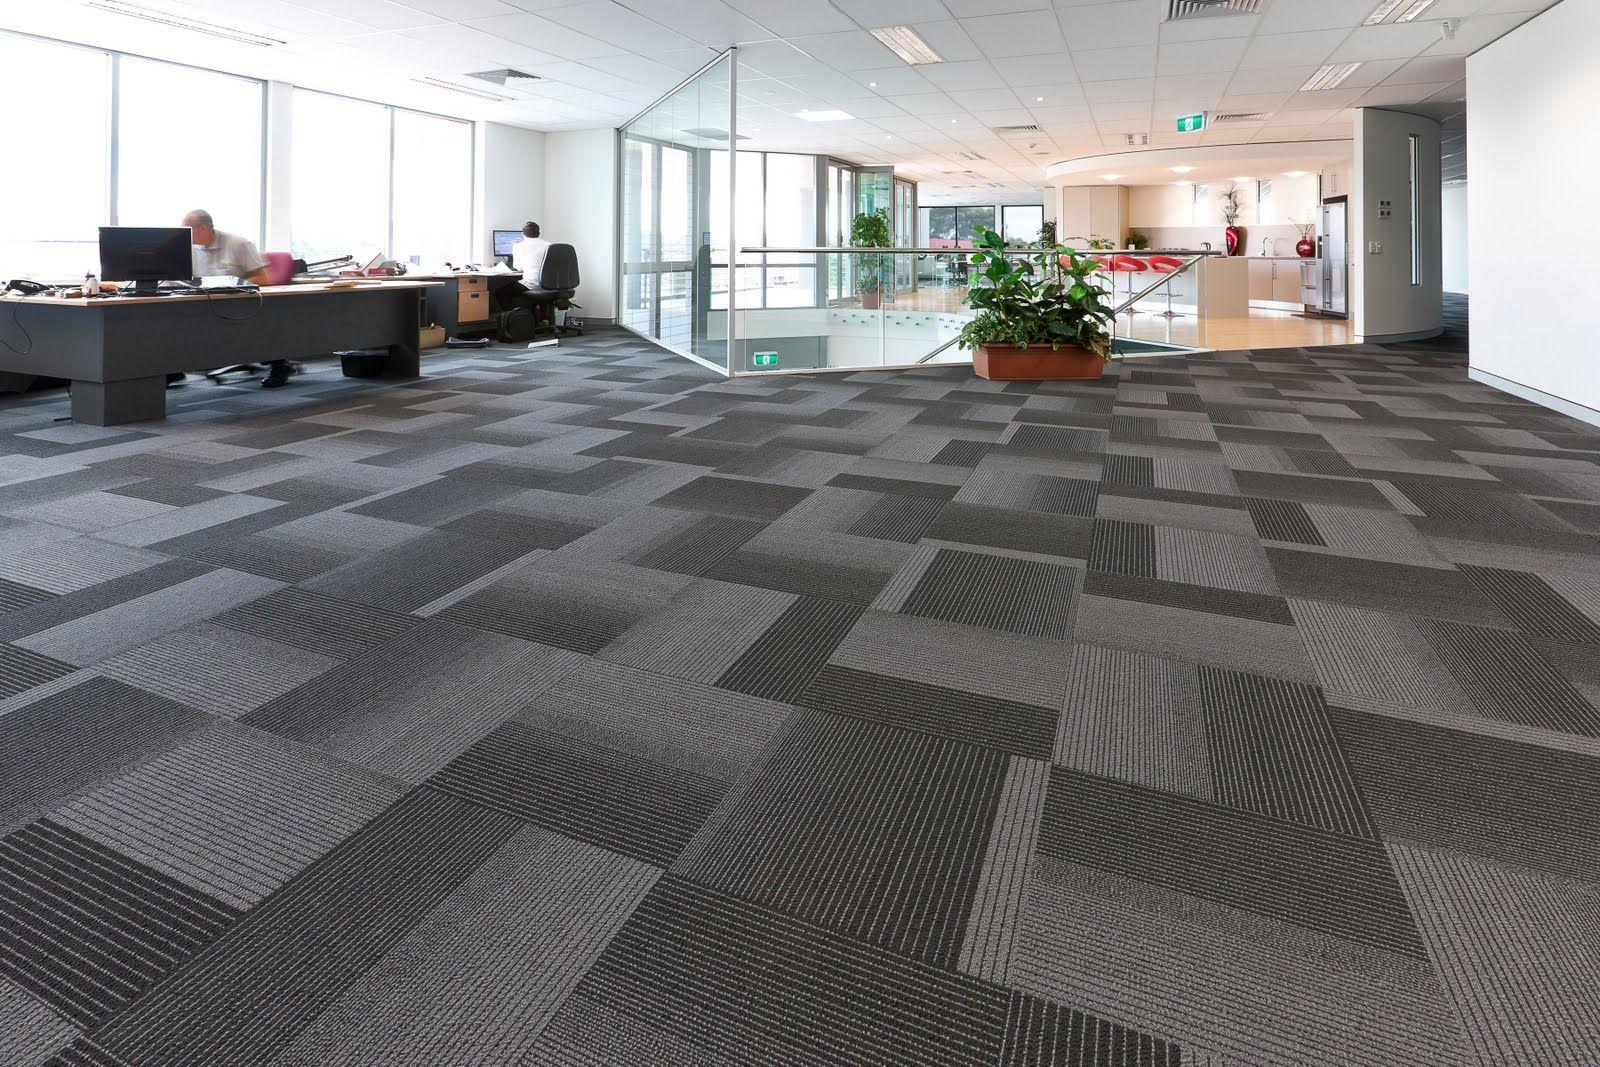 Carpet Solutions Office Carpet Carpet Tiles Office Carpet Tiles